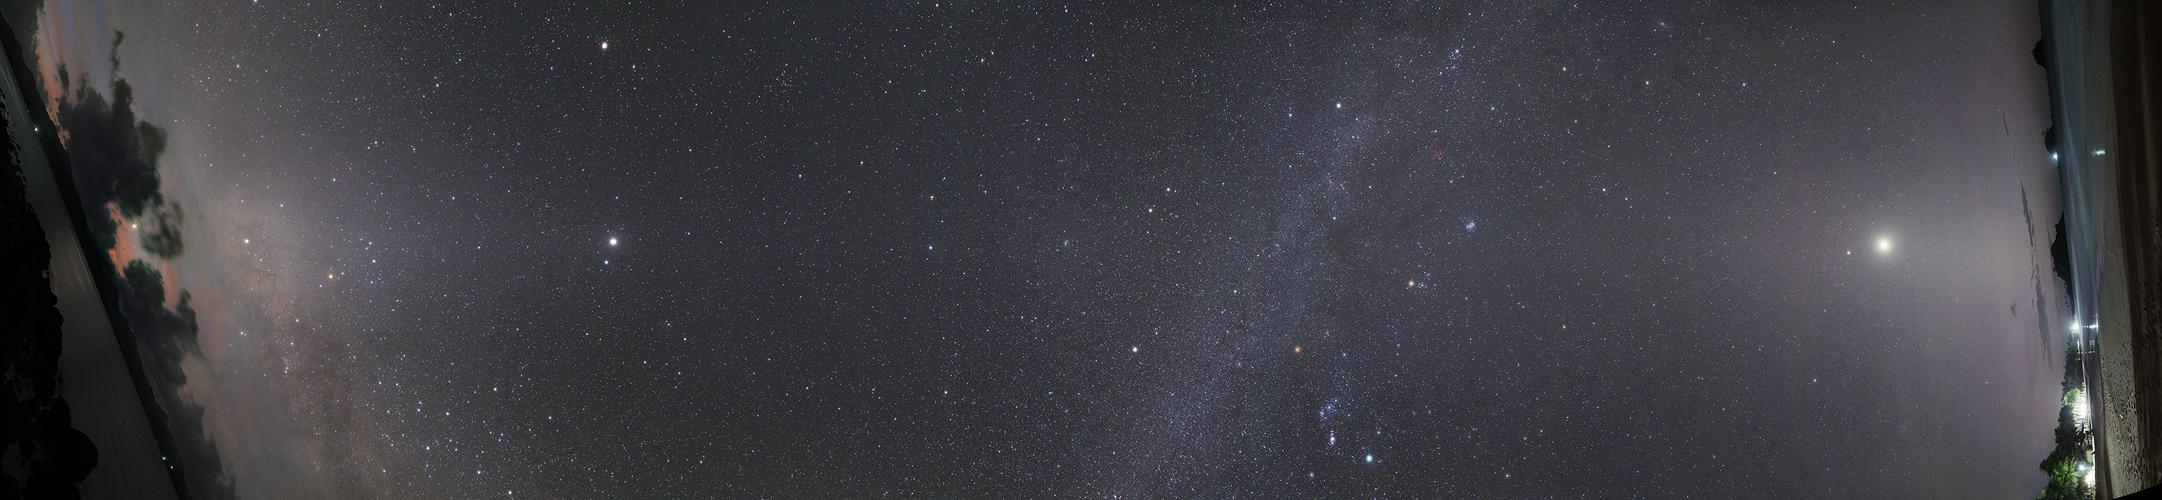 Panorama de toutes les planètes